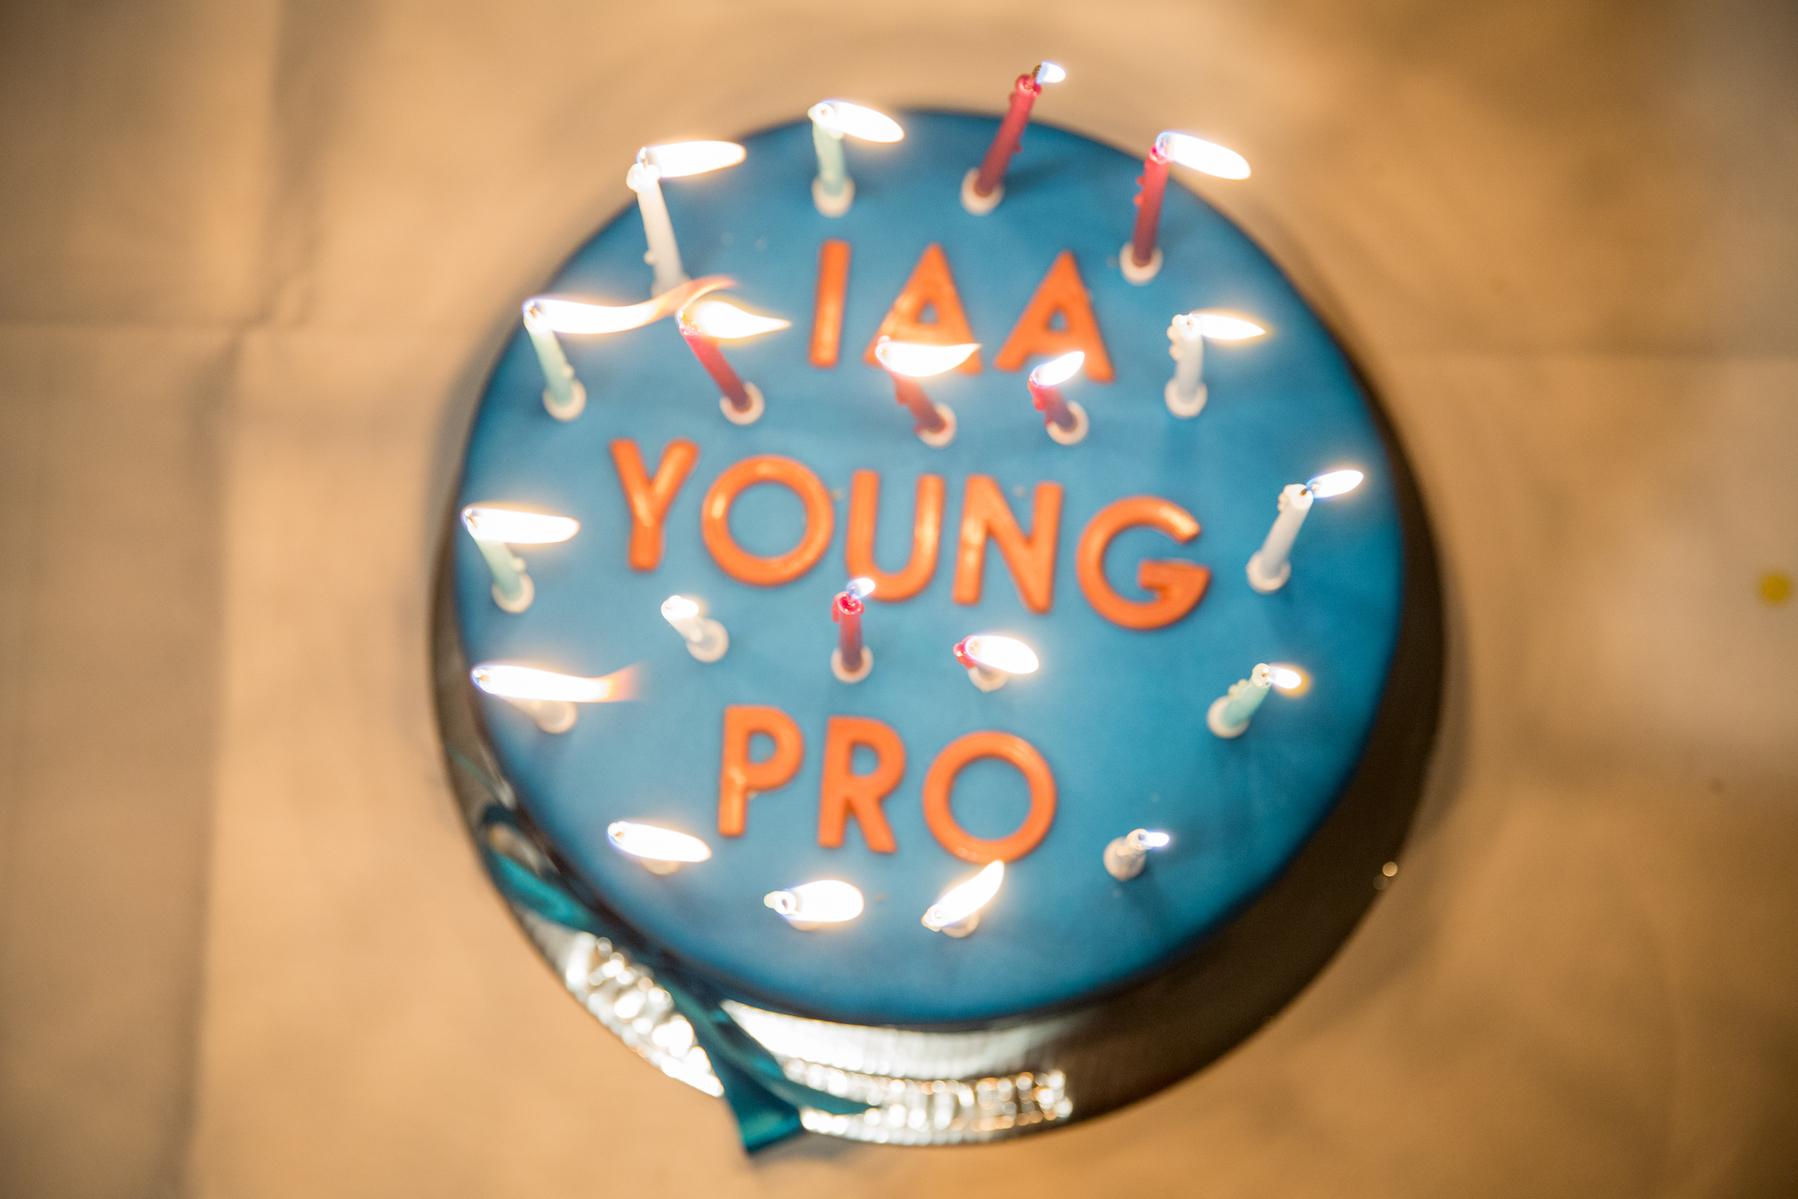 IAA Young Professionals feiern ihr 20-jähriges Jubiläum